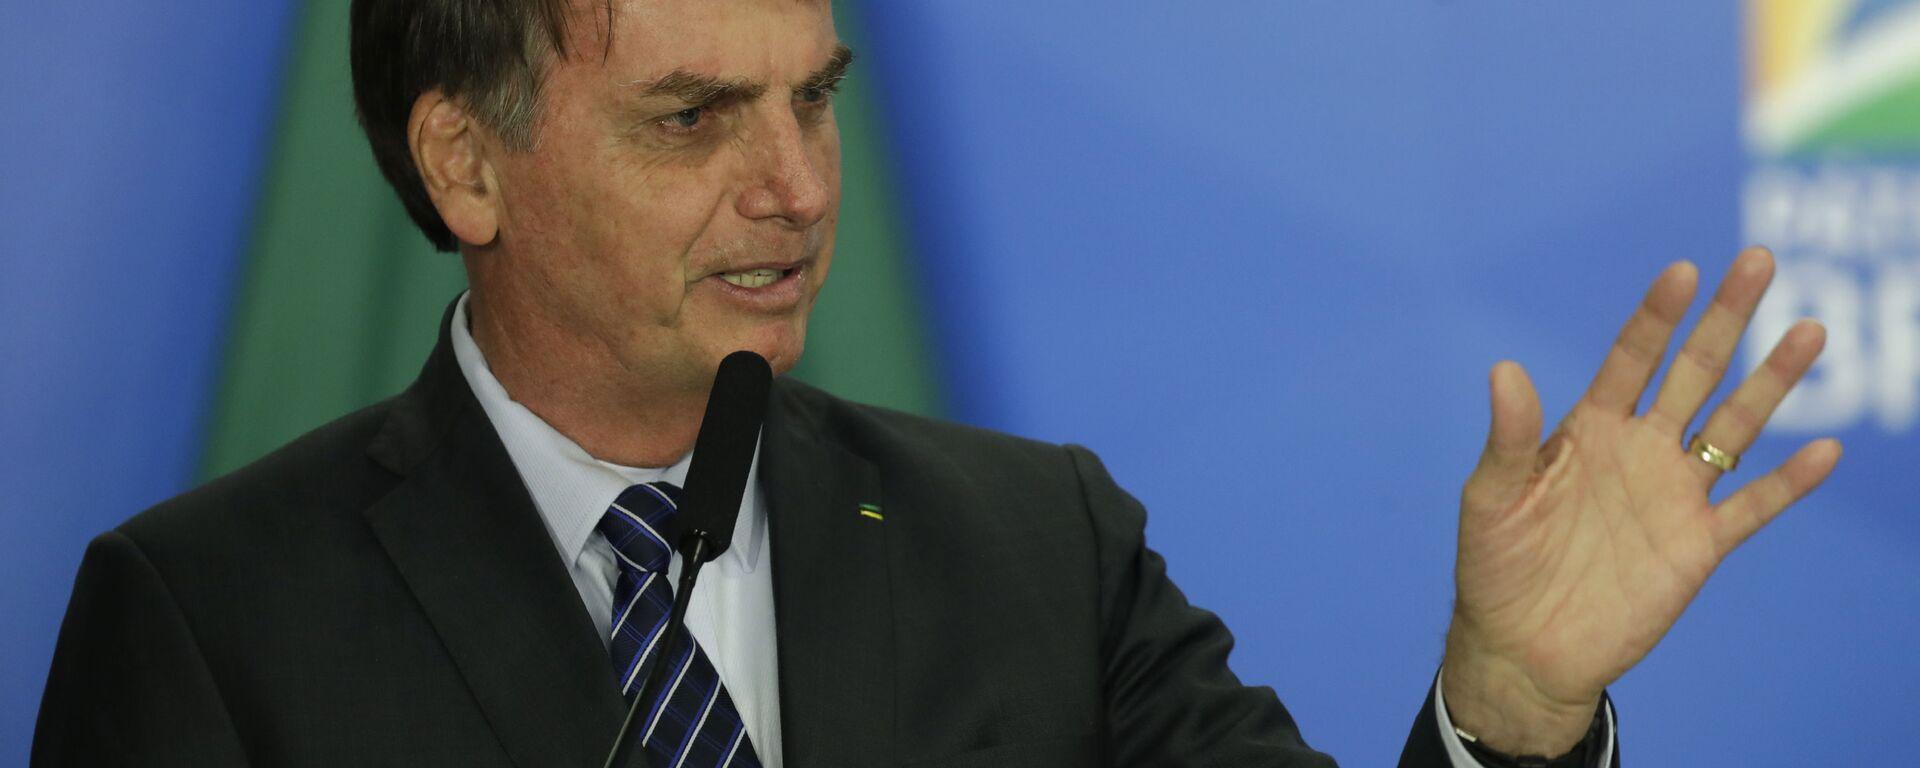 Jair Bolsonaro, el presidente de Brasil - Sputnik Mundo, 1920, 13.10.2021